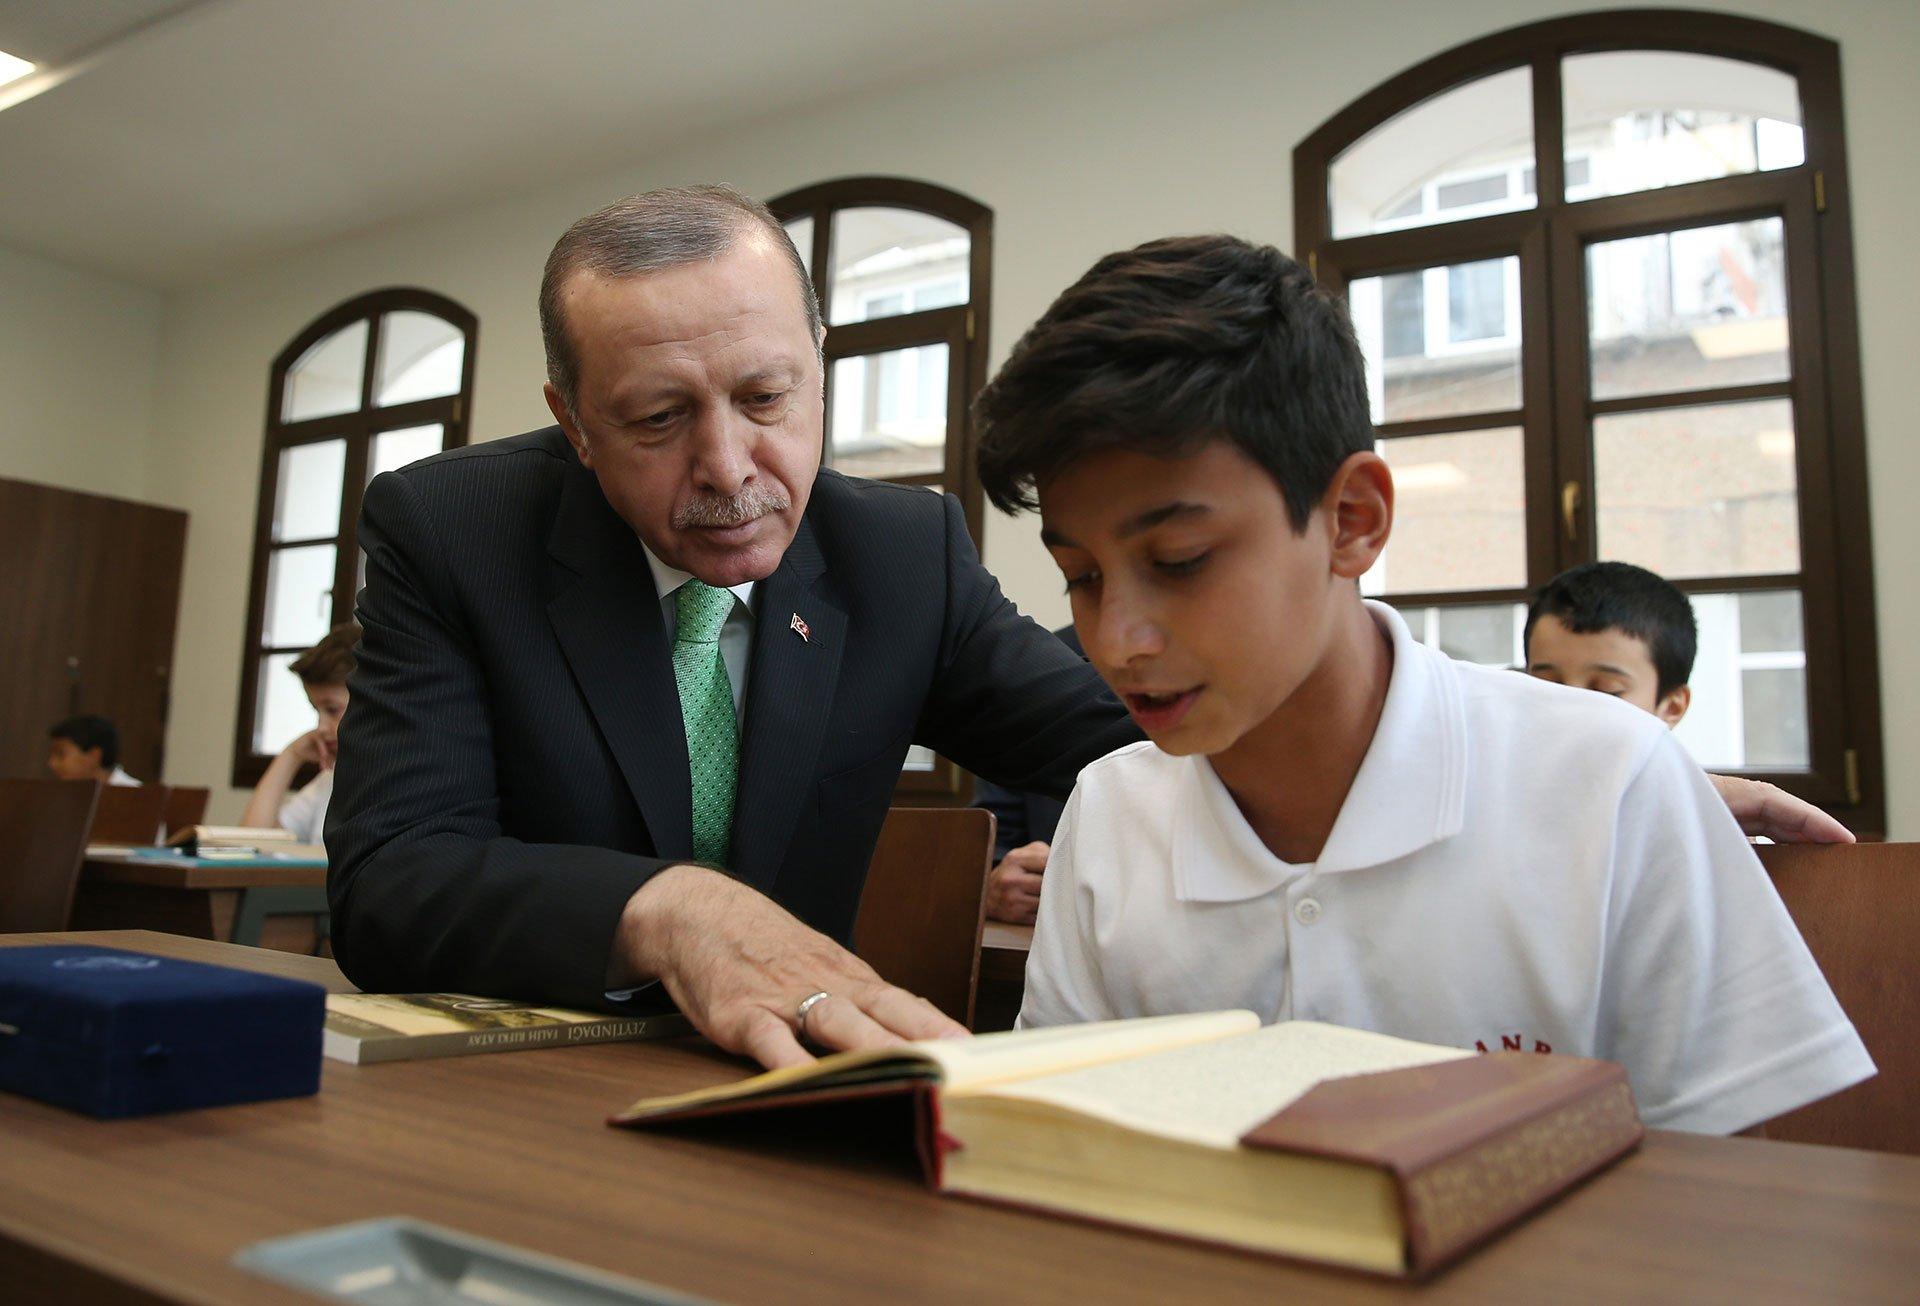 Το Ισλάμ ριζώνει στην Τουρκία μέσω των σχολείων